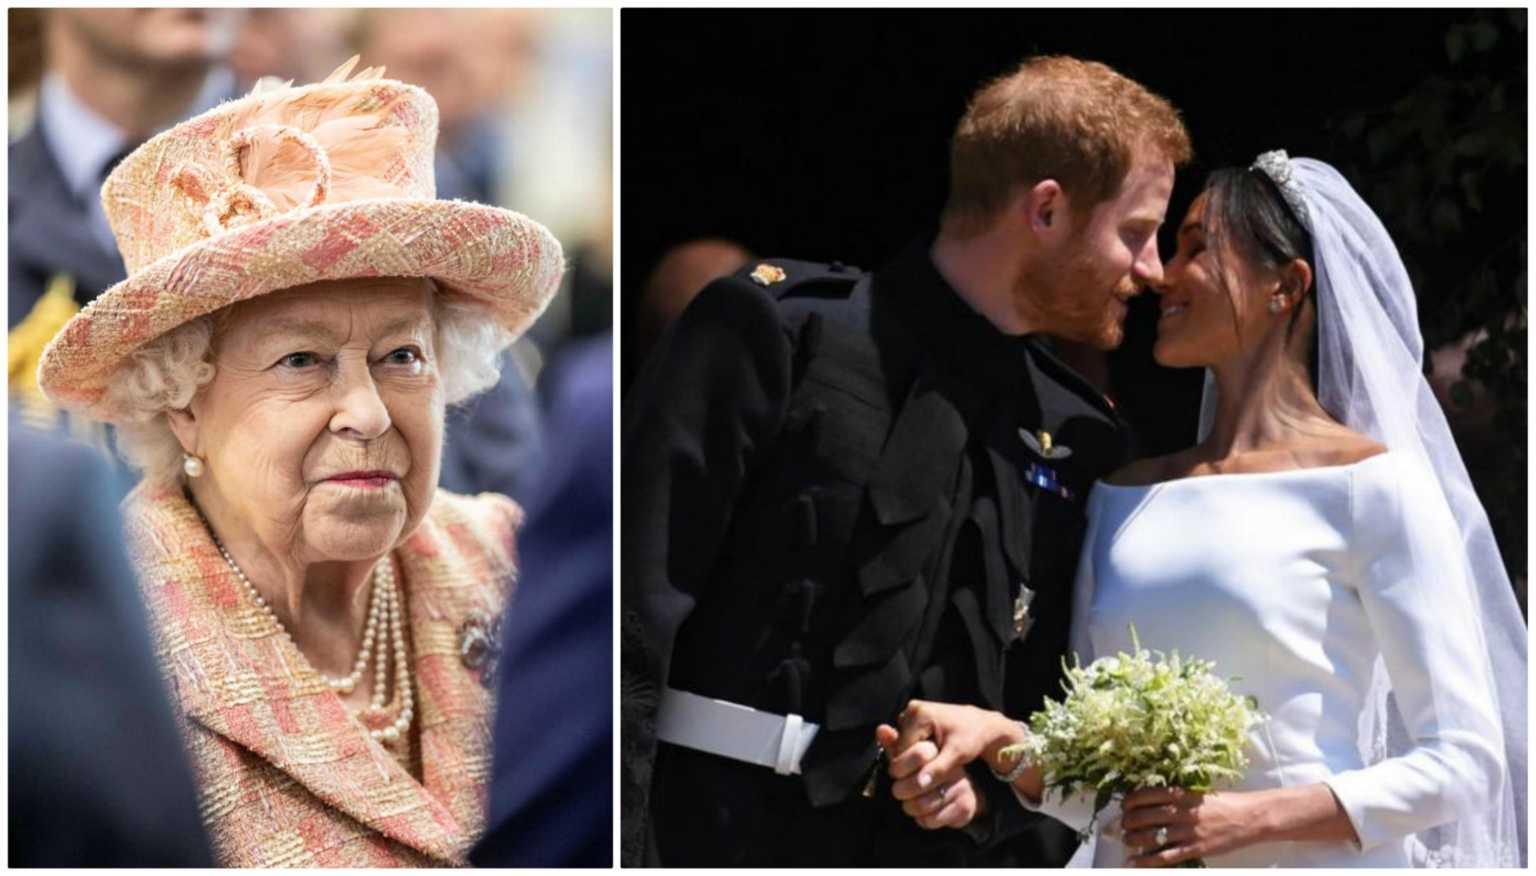 Τέλος εποχής – Μέγκαν Μαρκλ και Πρίγκιπας Χάρι είπαν αντίο μεσούσης της πανδημίας του κορονοϊού